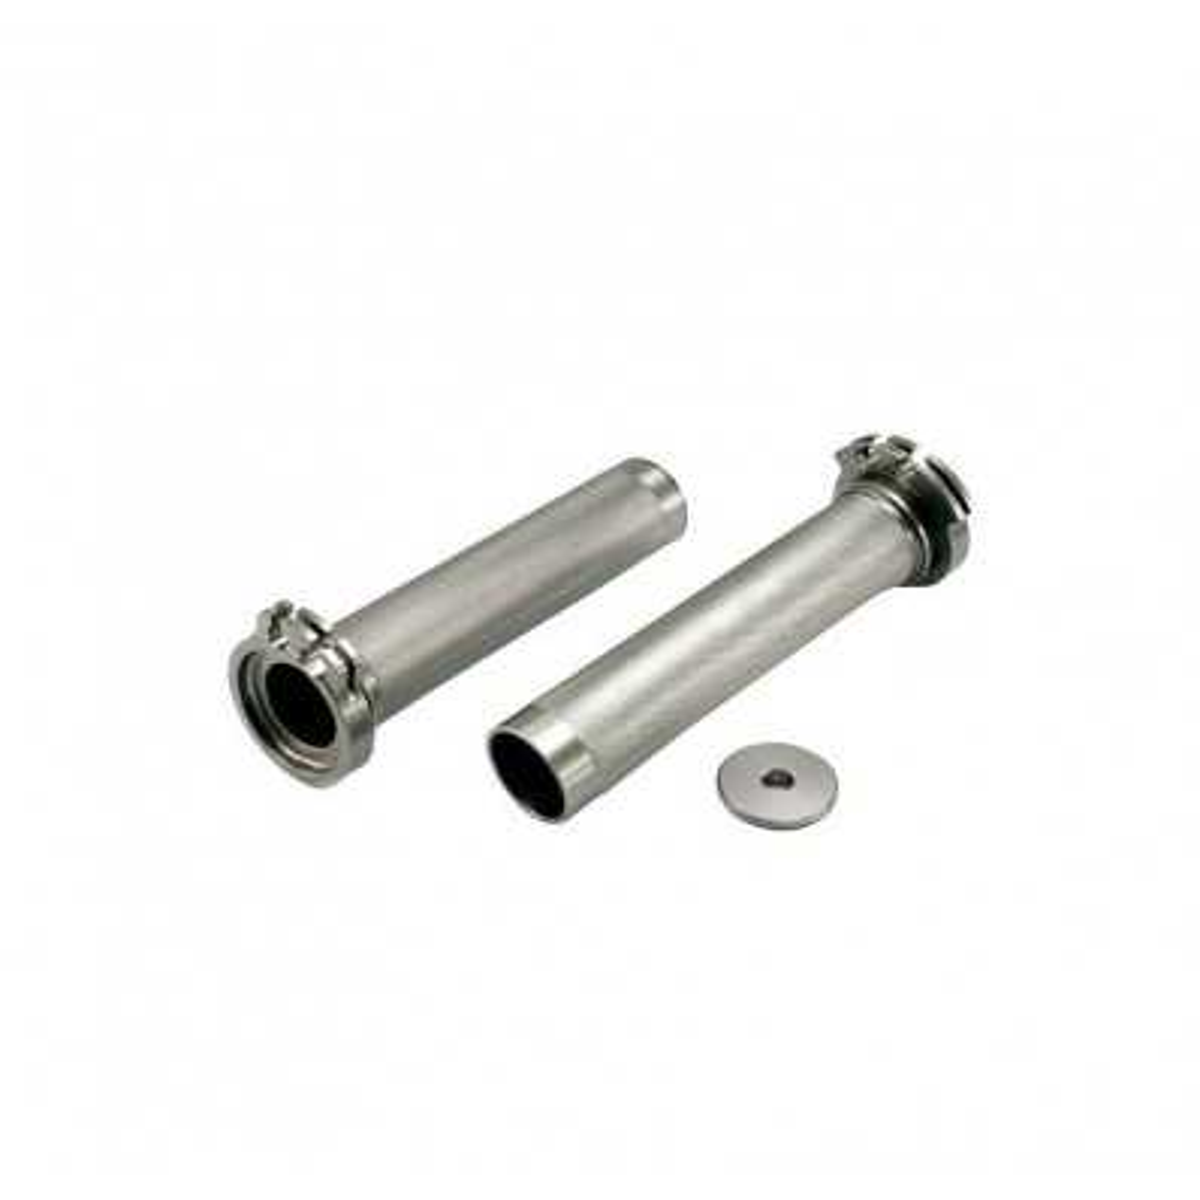 ZE45.5014 - Caña Gas Aluminio Zeta Yz 250 450 Wr 400 12 17